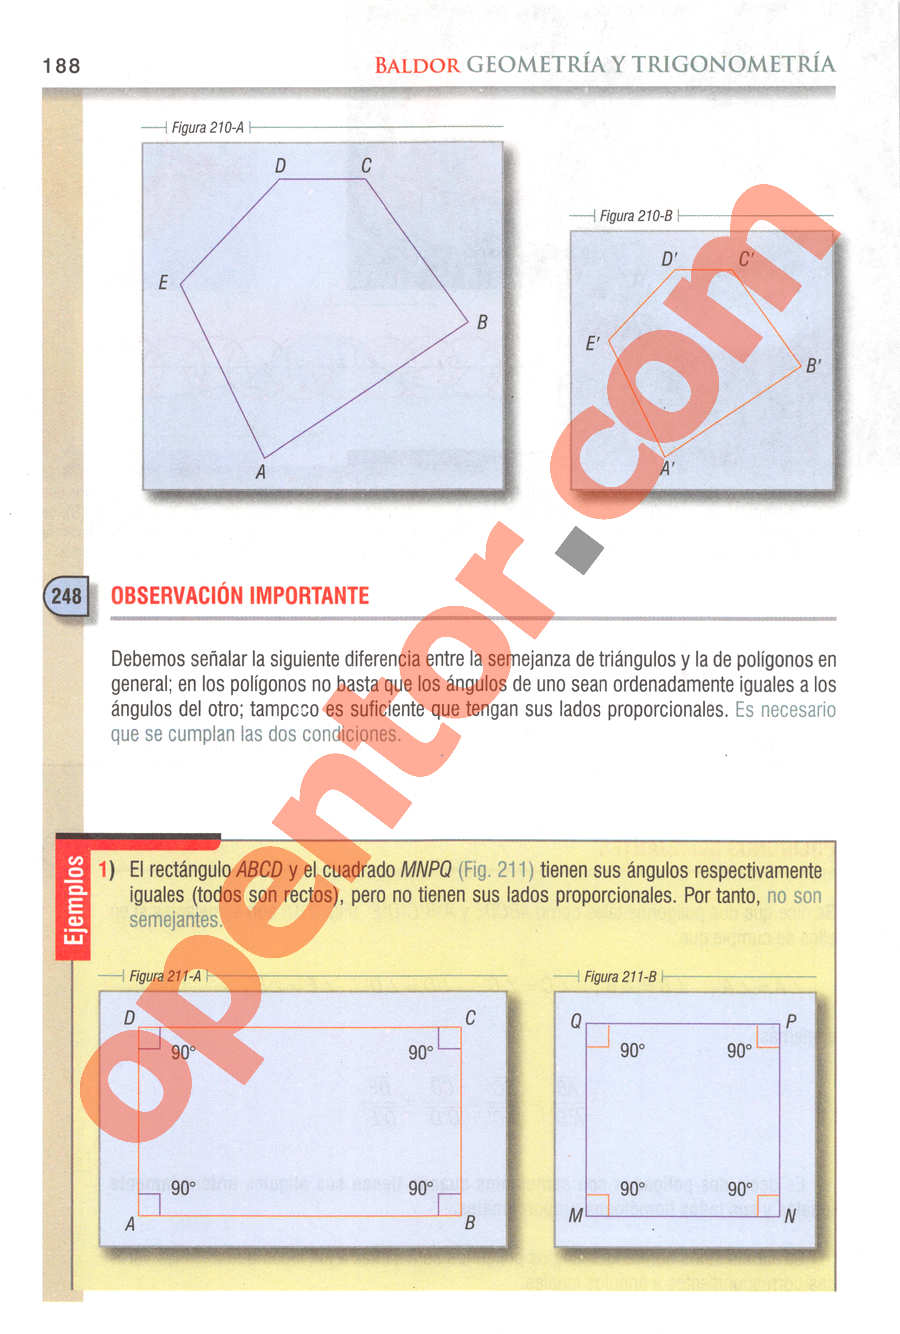 Geometría y Trigonometría de Baldor - Página 188